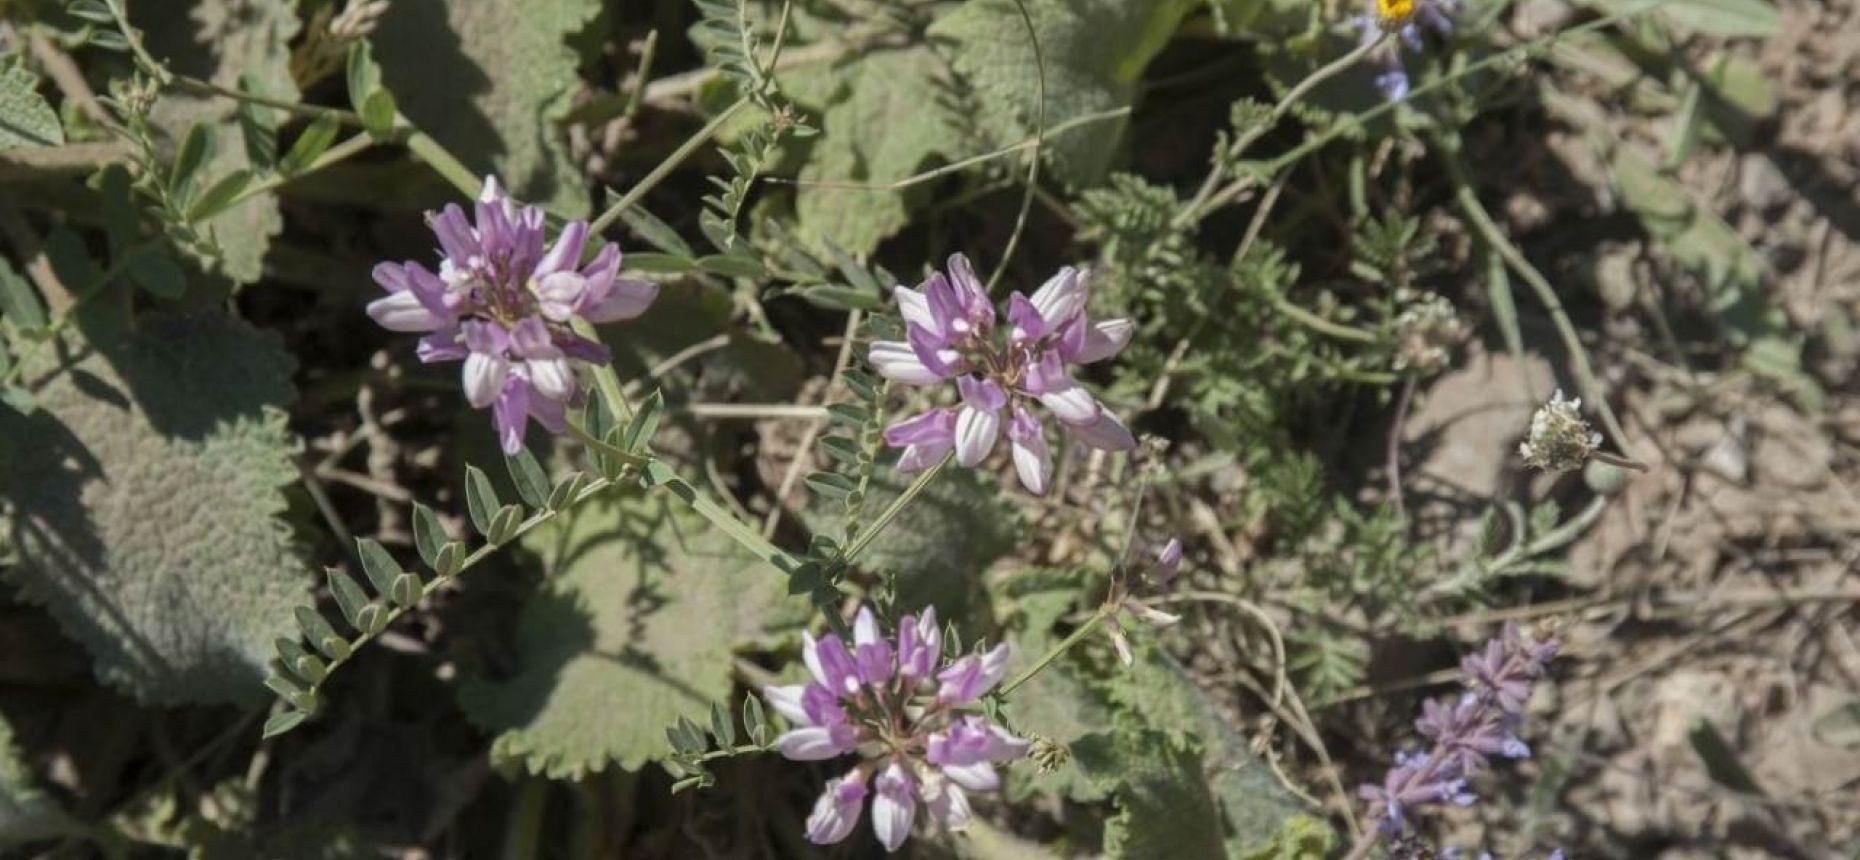 Securigera varia (L.) Lassen. - Секироплодник пестрый, вязель пестрый